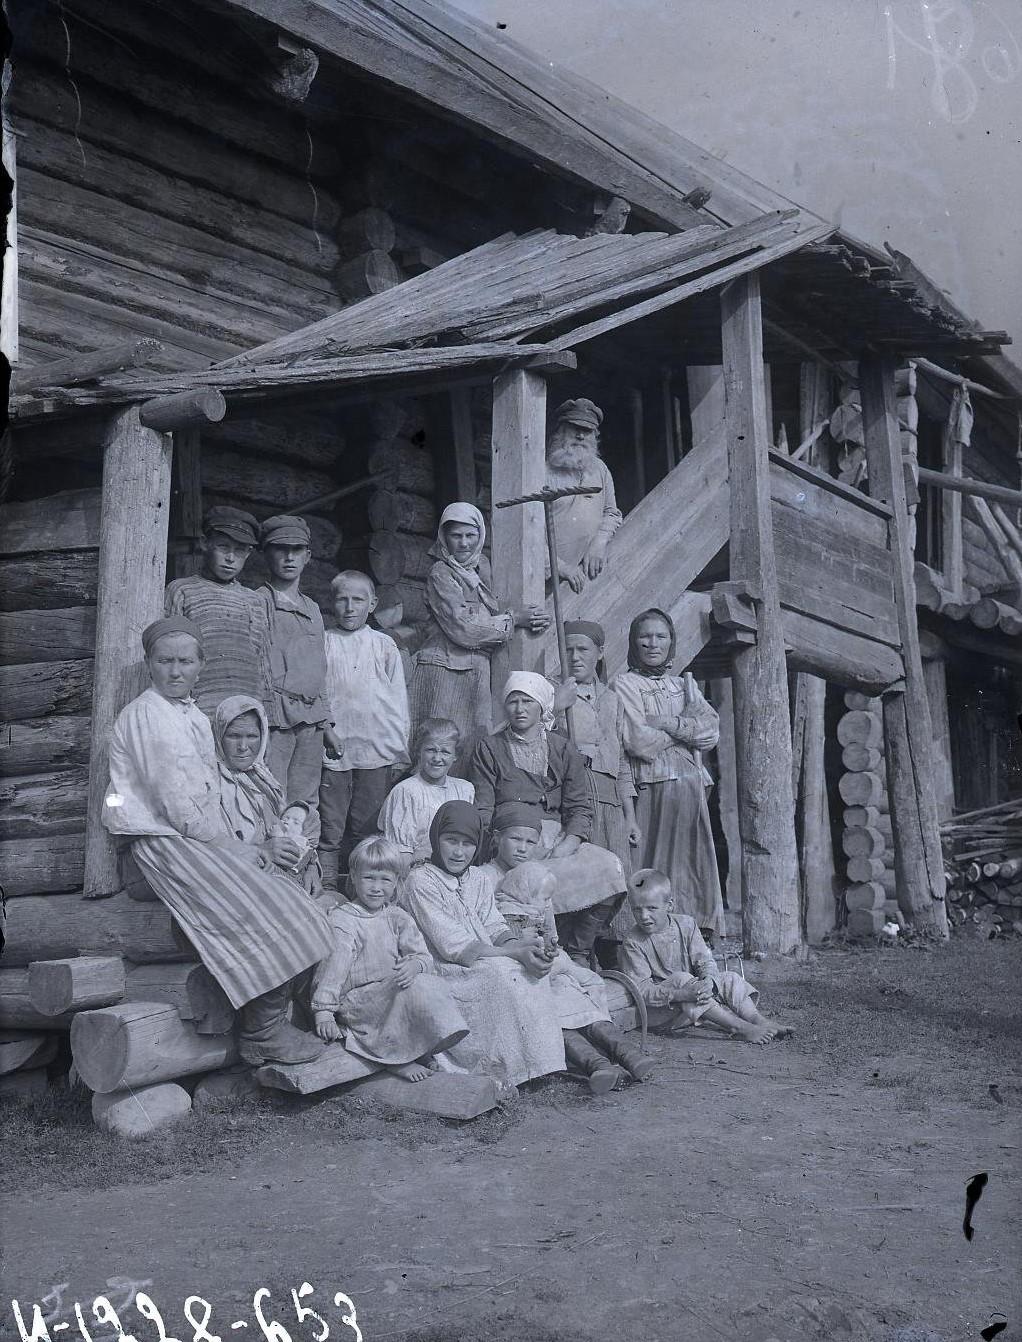 Группа крестьян с детьми на крыльце старой избы